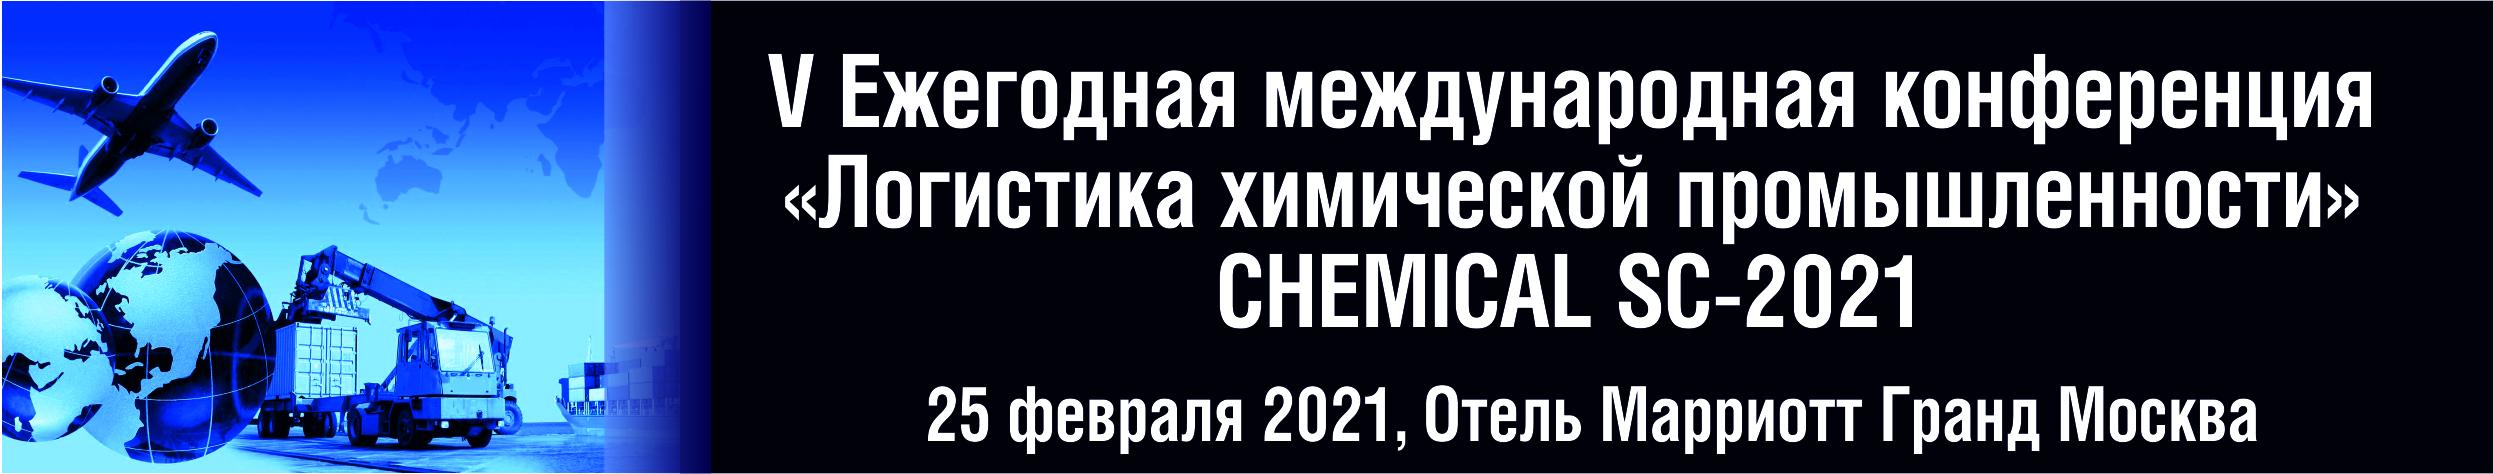 25 февраля 2021 г. в Москве состоится V Ежегодная международная конференция «Логистика химической промышленности» 1